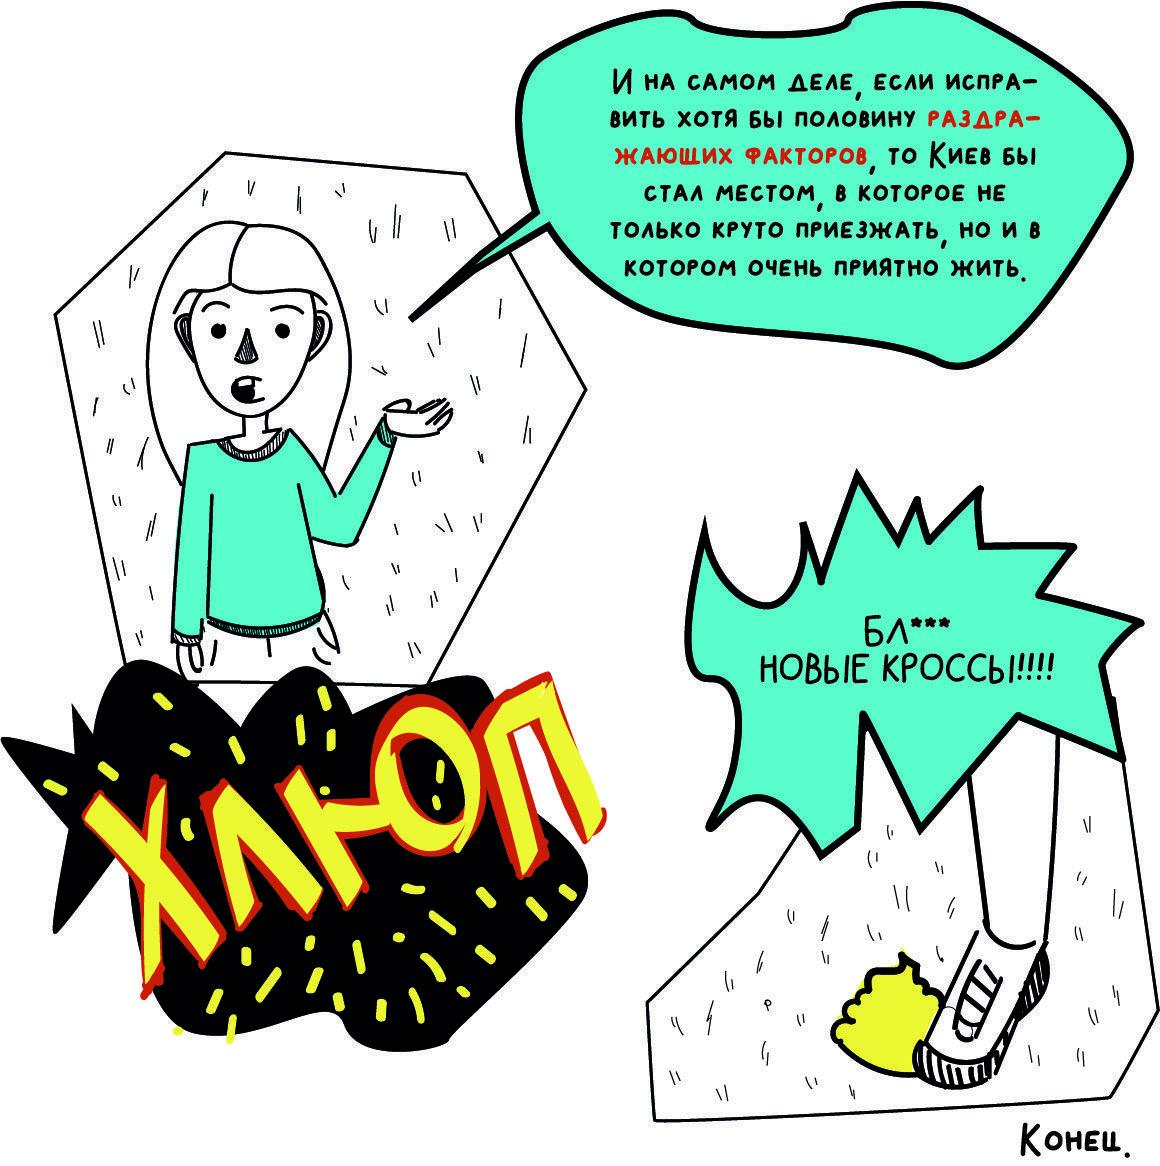 comics about kyiv 17 - <b>«Собі побібікай!»</b> Комікс Анастасії Оприщенко про те, що дратує в Києві найбільше - Заборона